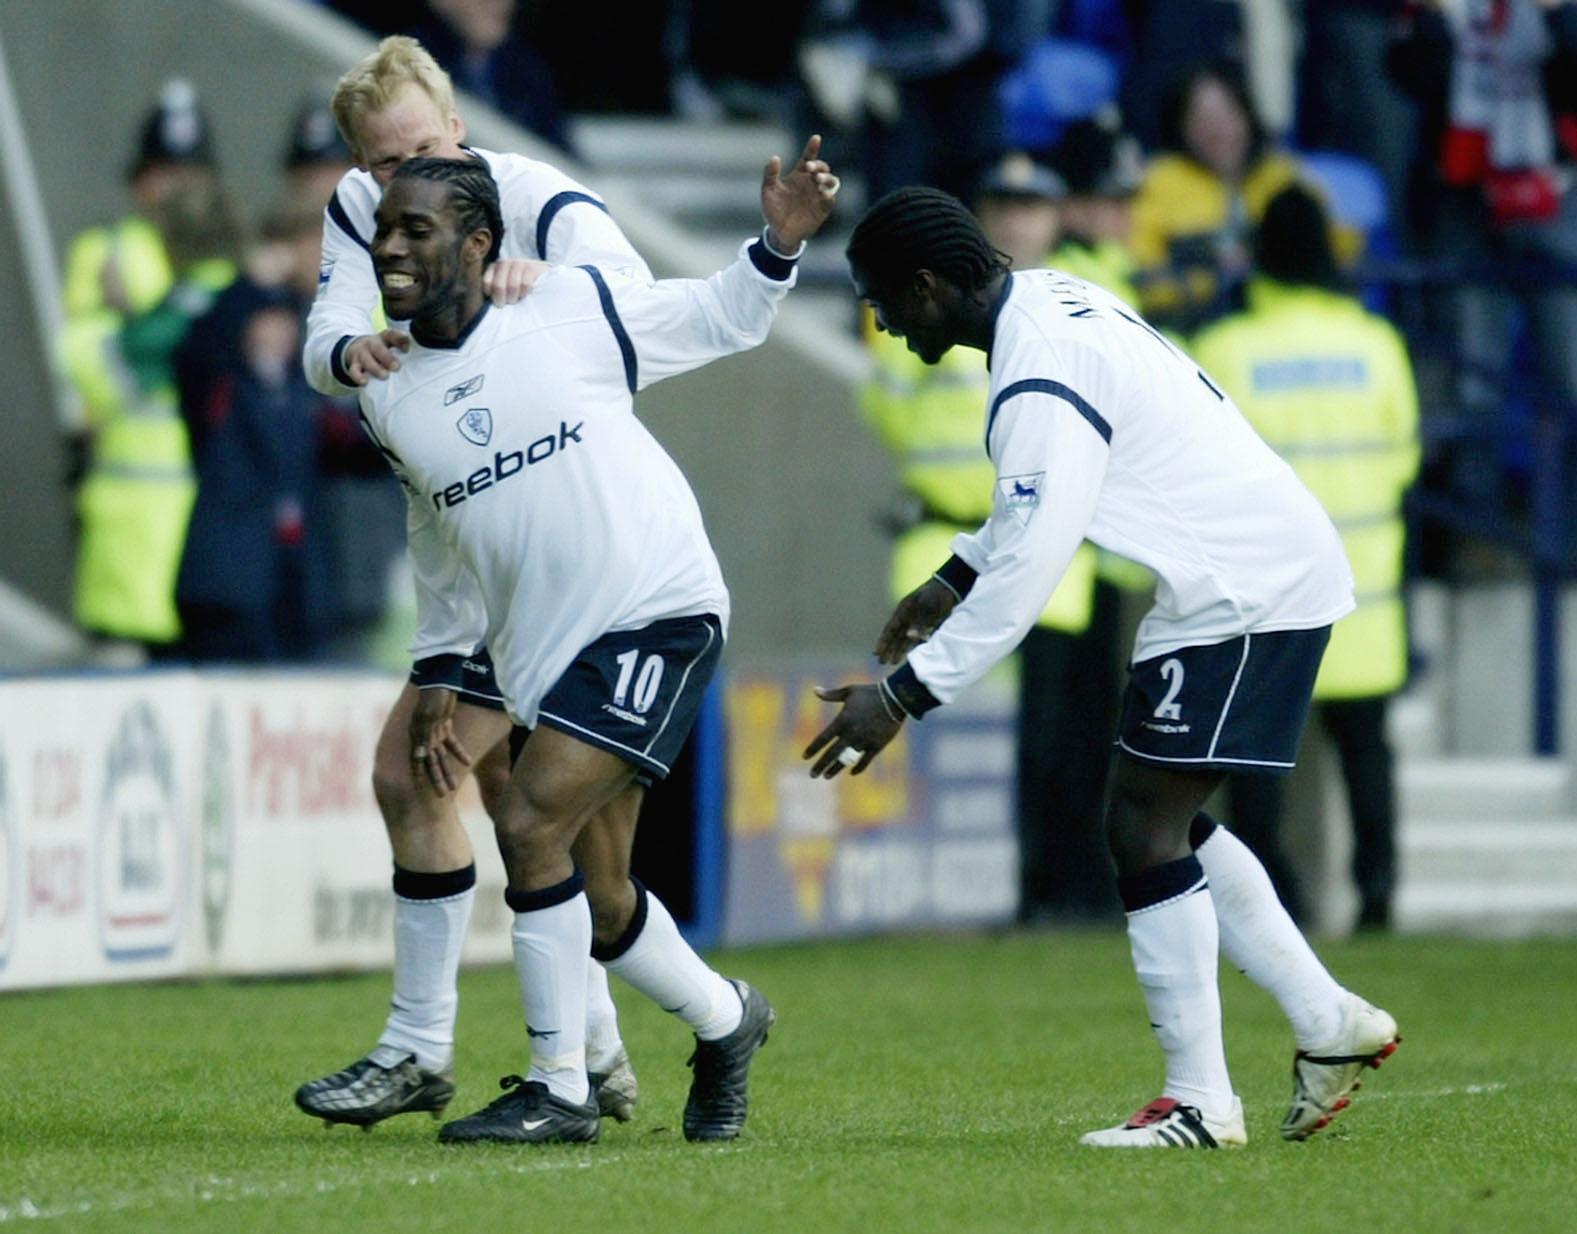 Okocha celebrates scoring their first goal